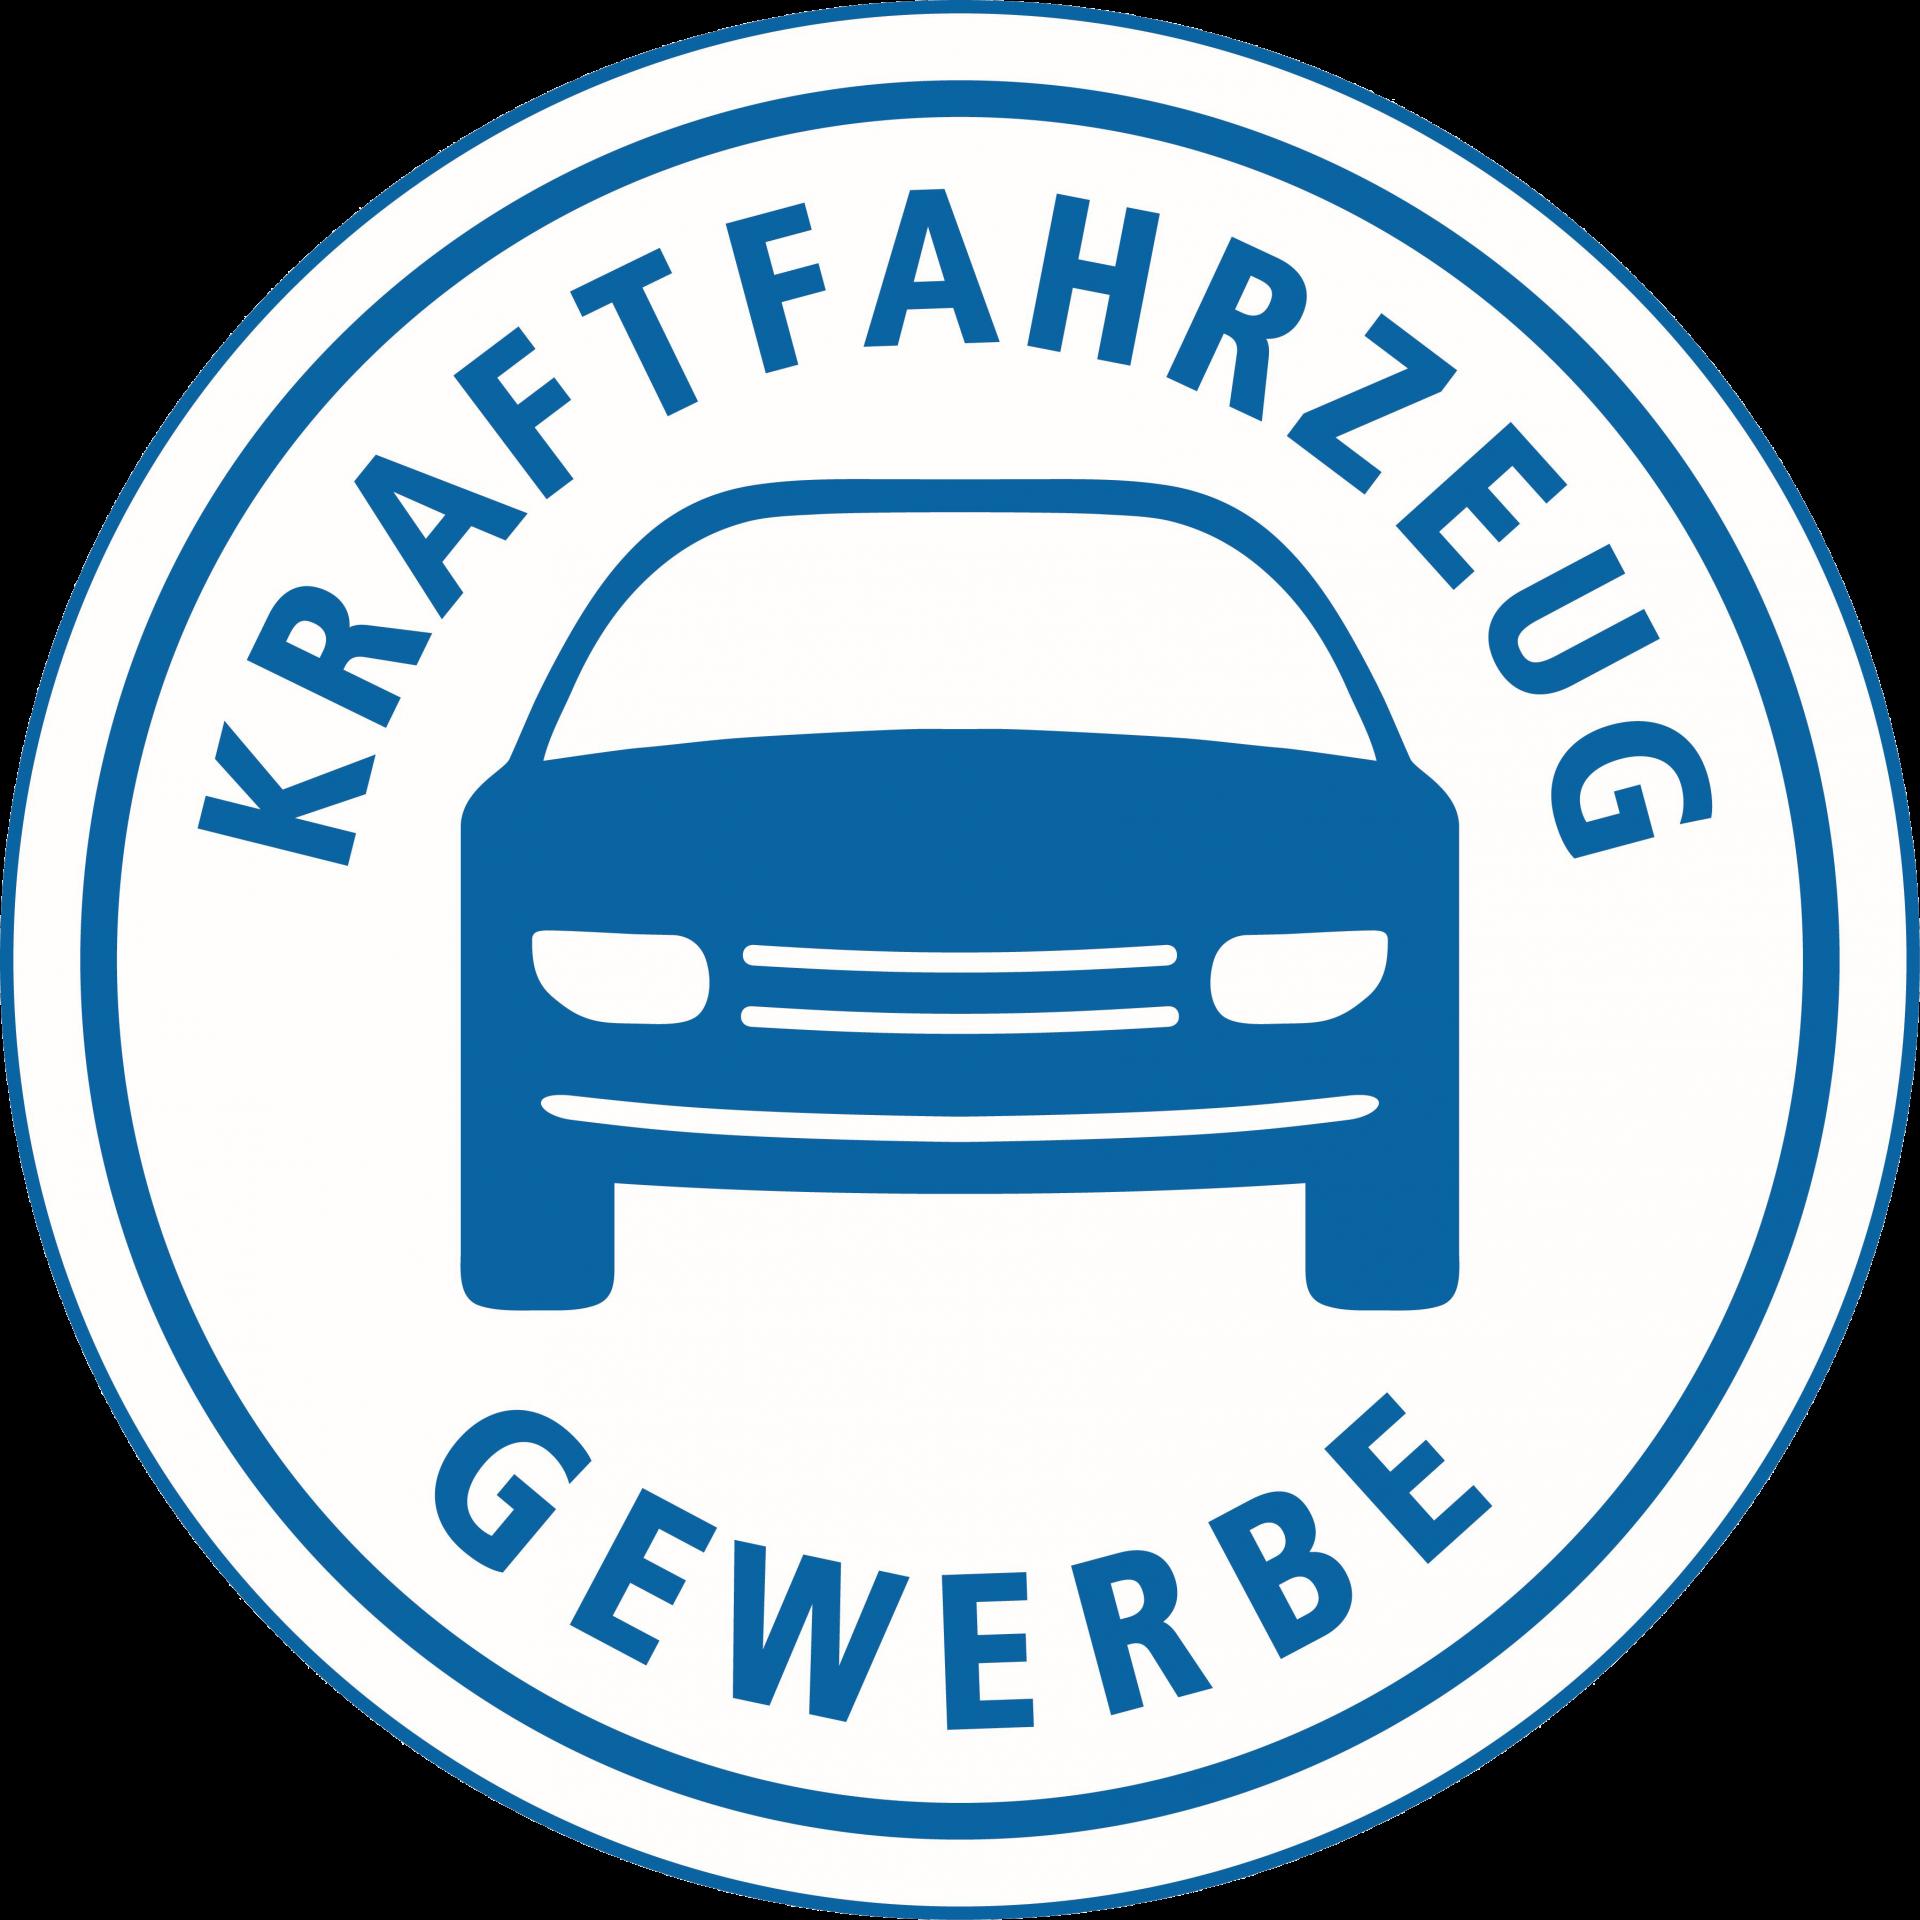 Mitgliedsbetrieb der KFZ-Innung